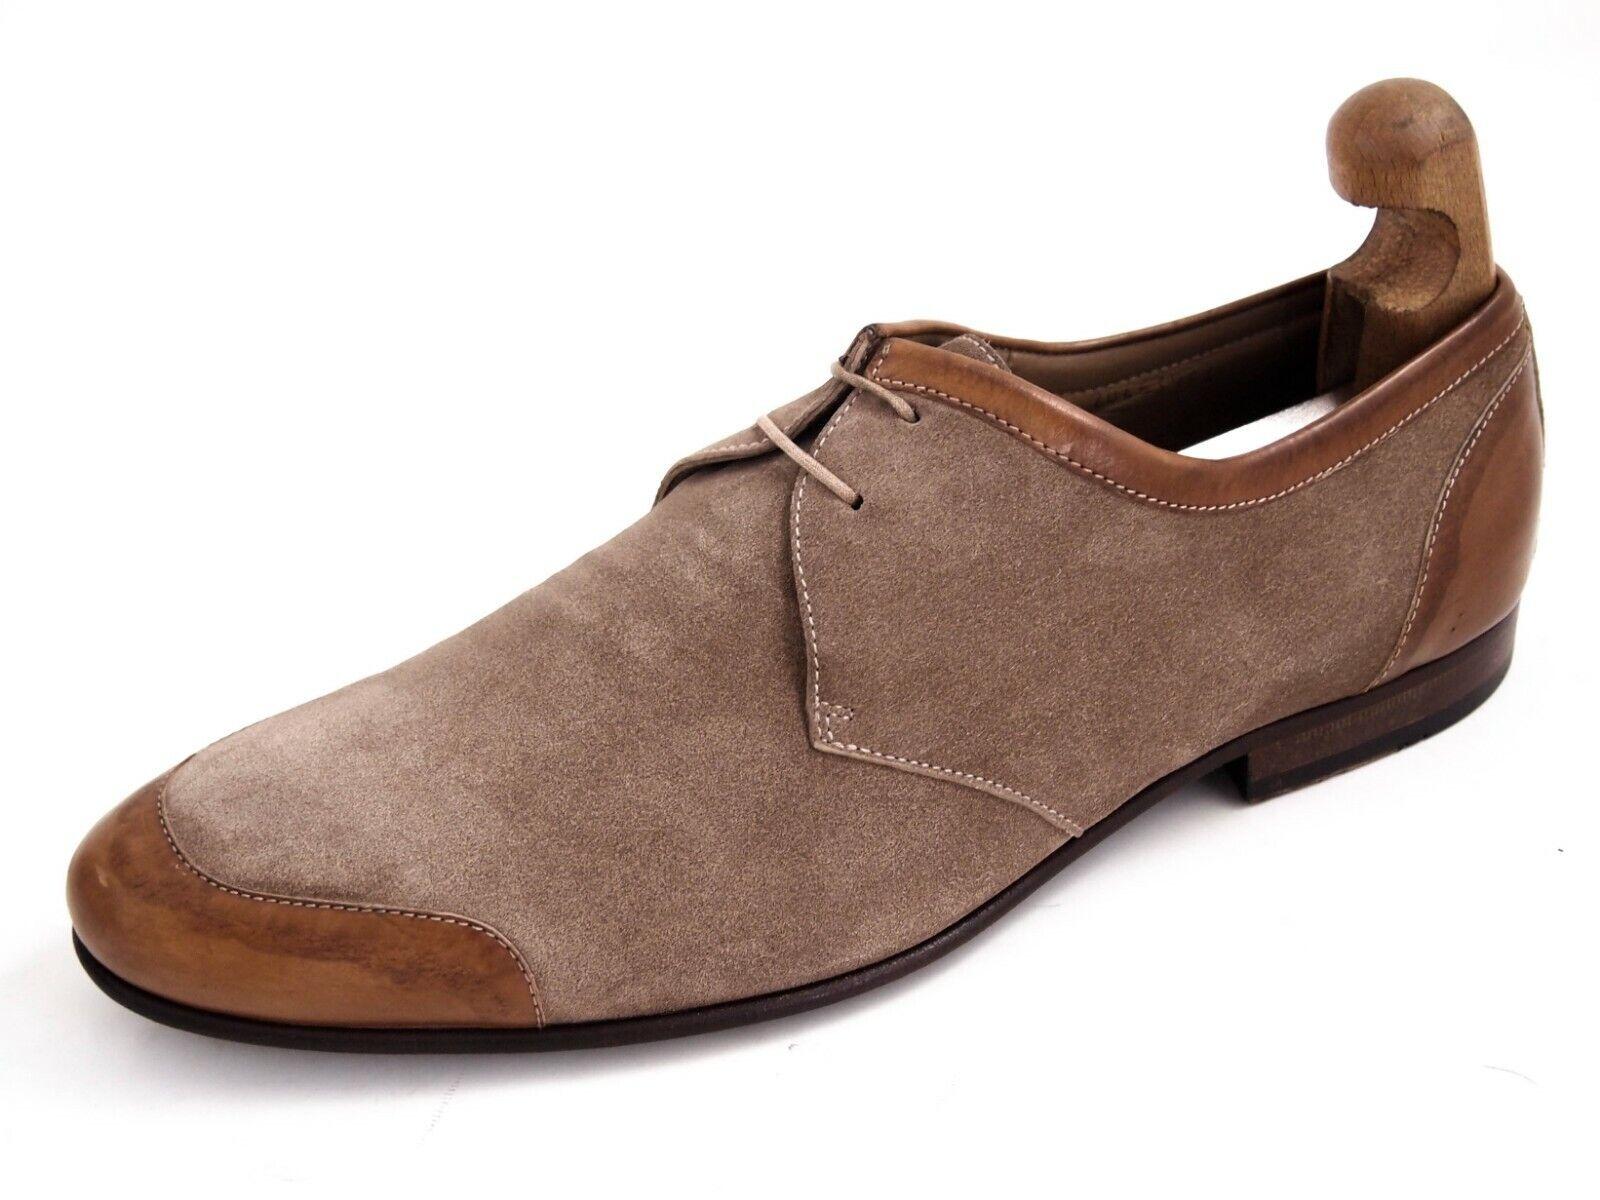 Hugo Bos oxfords, talla de zapatos de hombre de piel, 43,5 US  10,5 580.